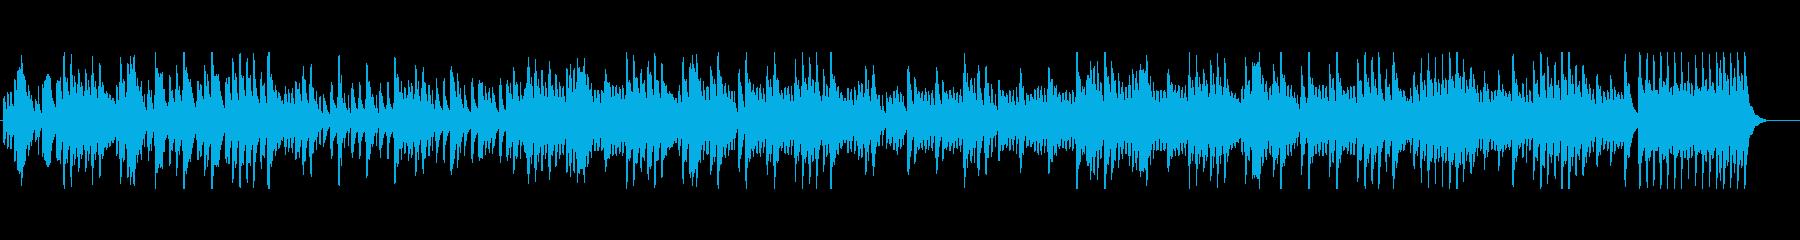 チャイコフスキー「舟歌」のオルゴールの再生済みの波形